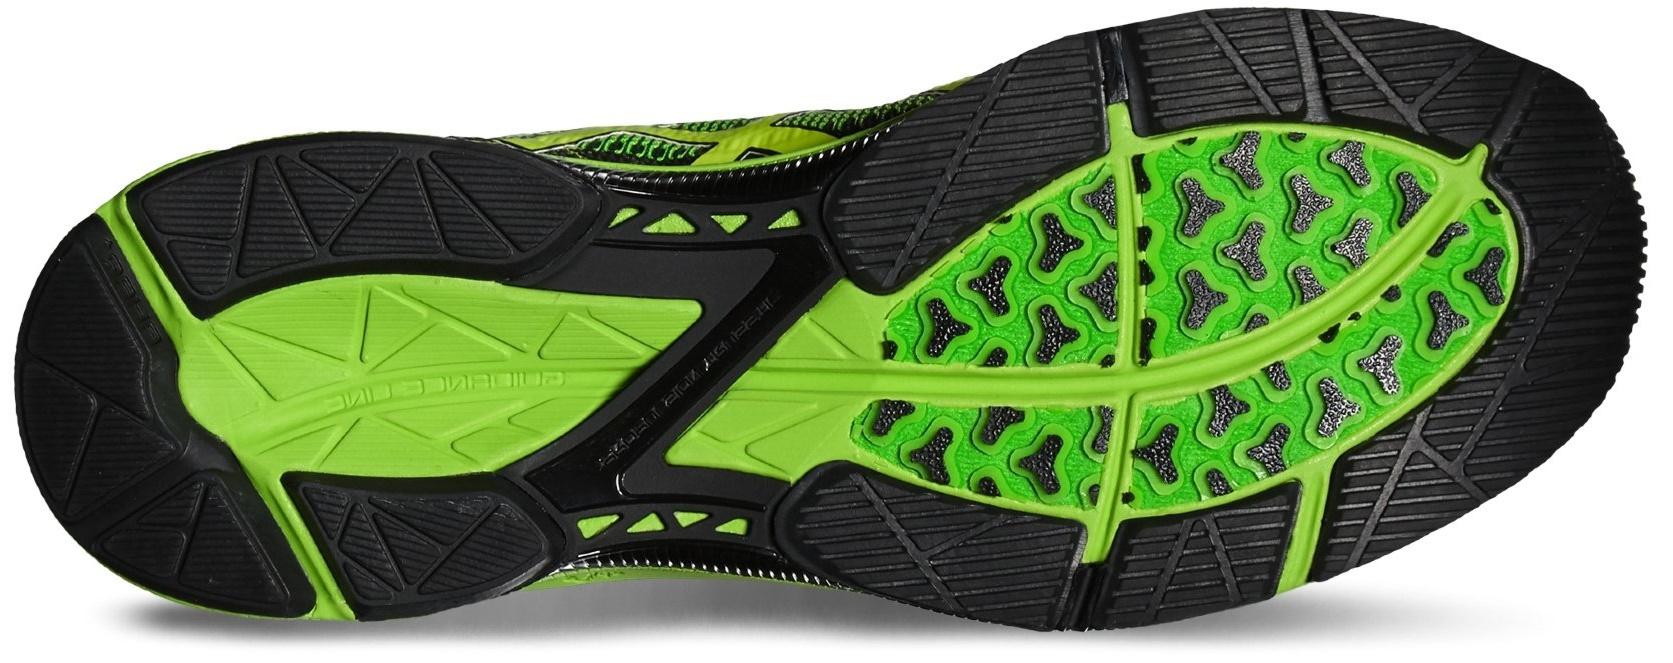 Полумарафонки Asics Gel-DS Trainer 21 мужские T624N 9007 зеленые